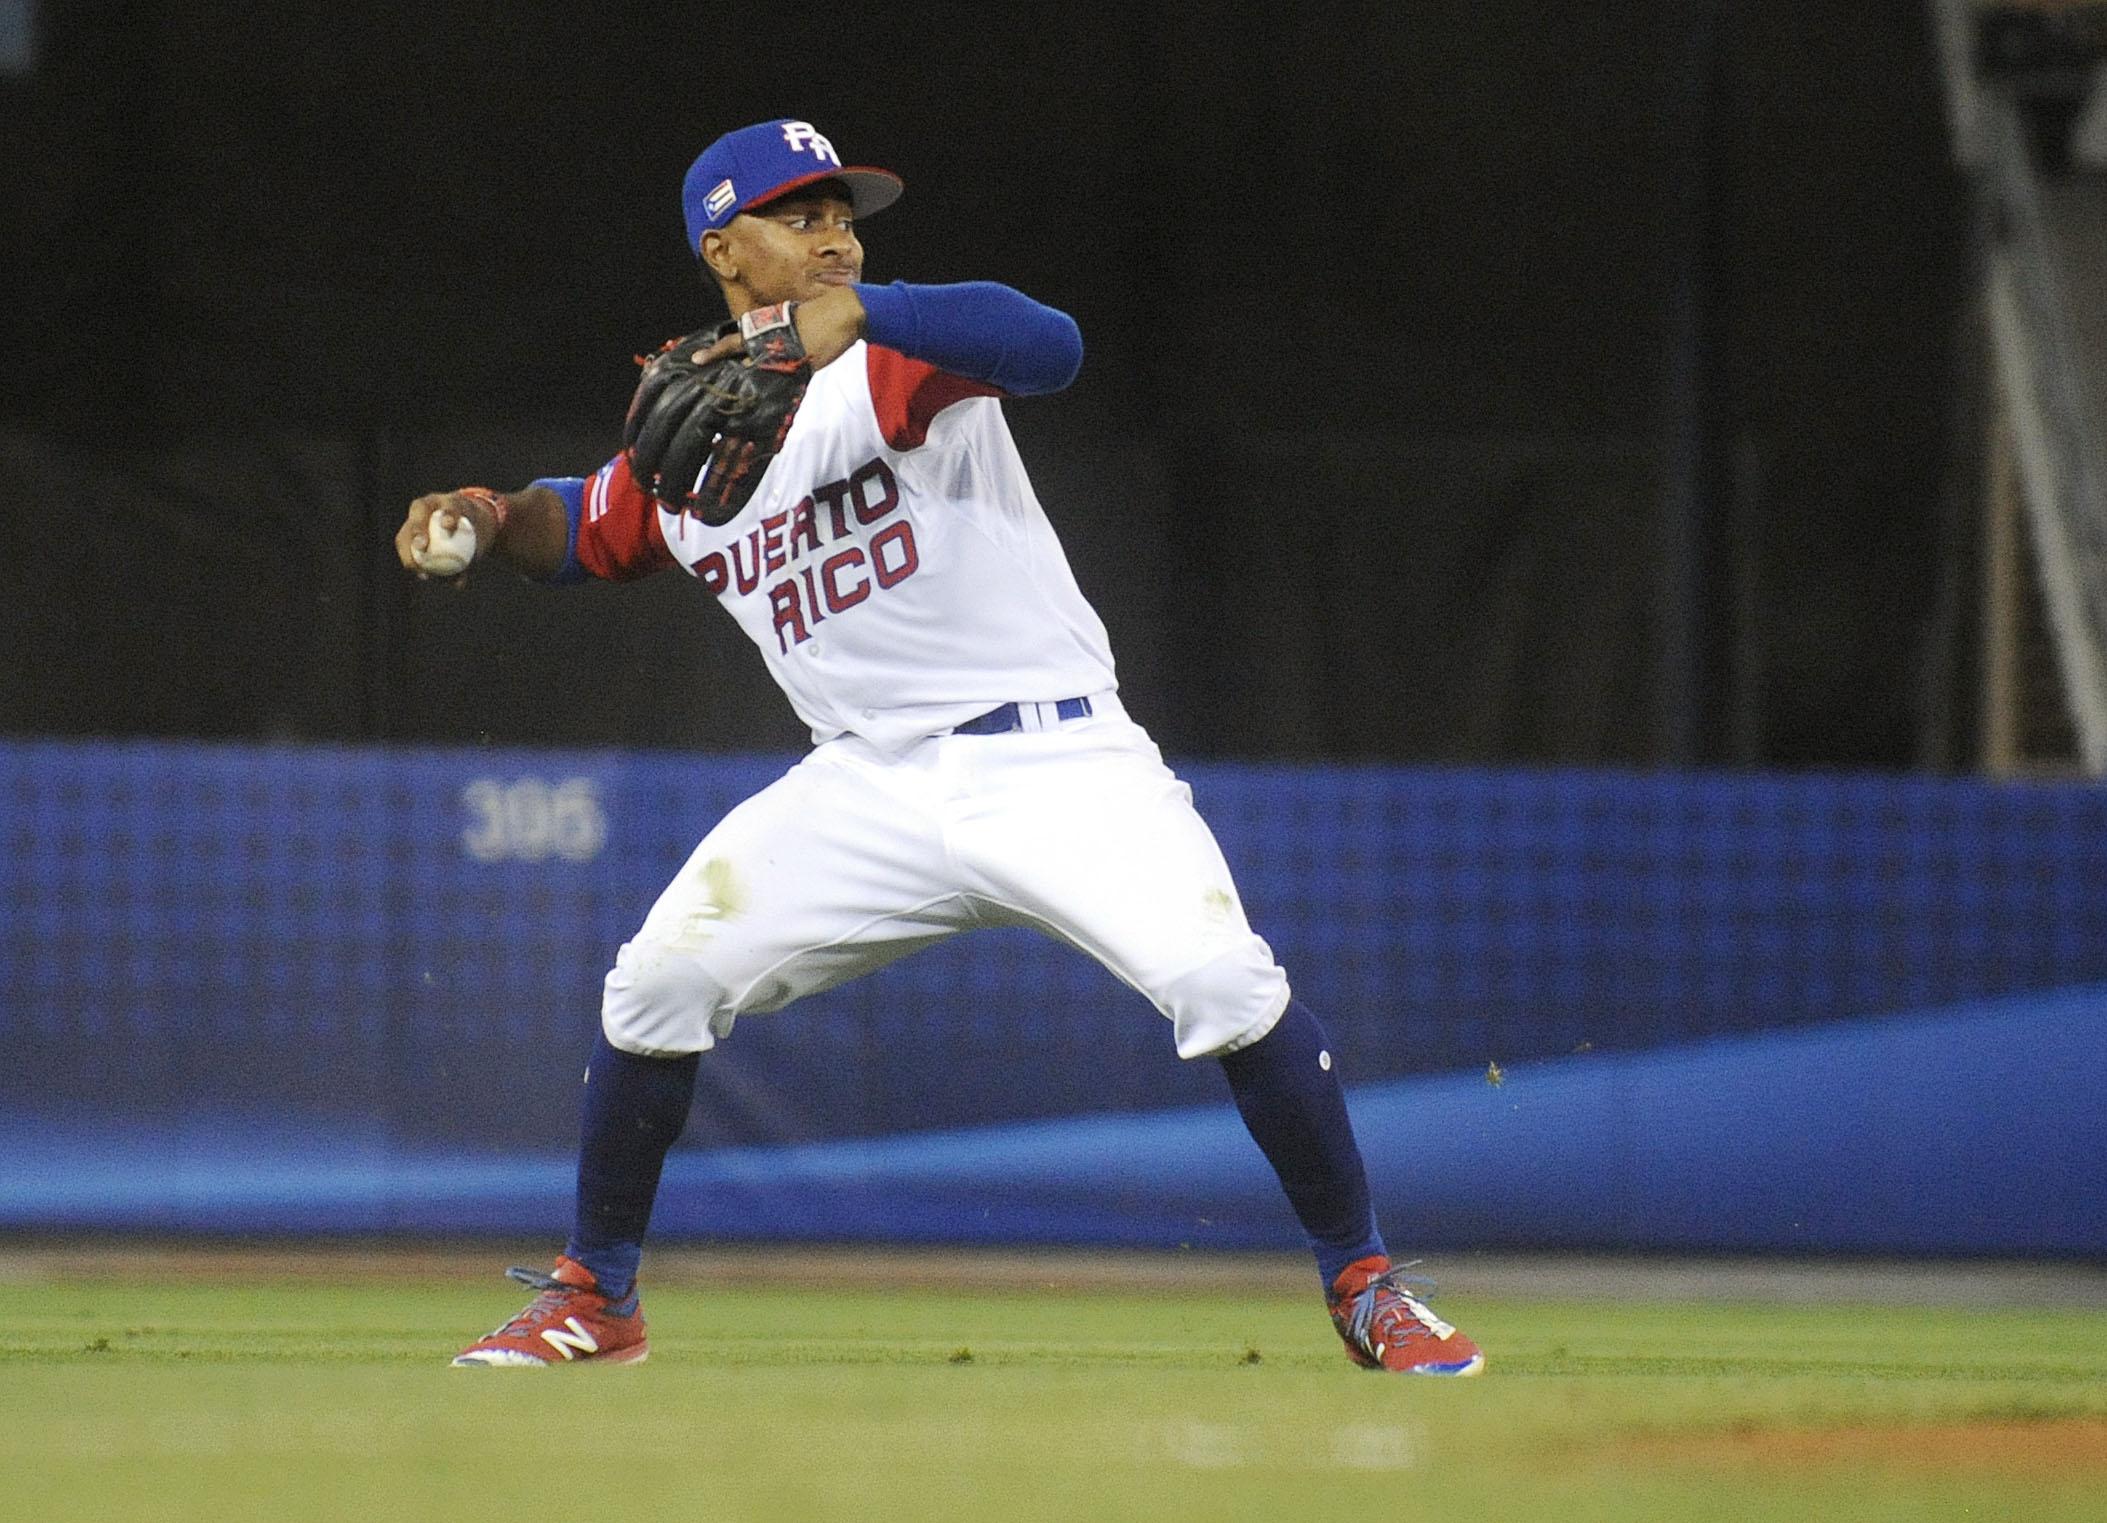 9965374-baseball-world-baseball-classic-final-usa-at-puerto-rico